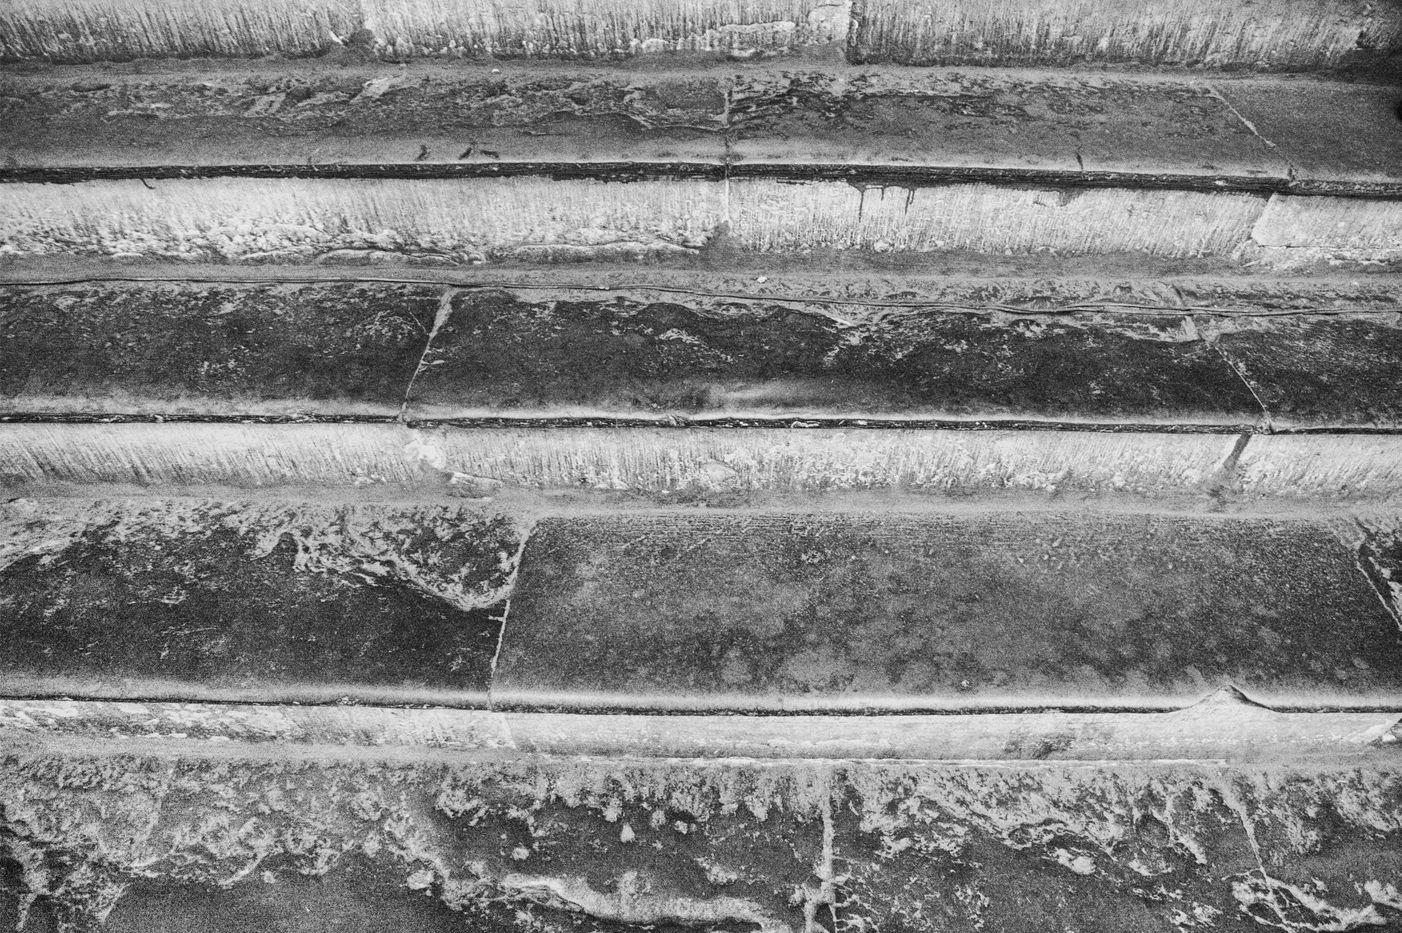 PHOTOGRAPHIER FLORENCE, LES MARCHES SECUALIRE DE L'EGLISE SANTA CROCE, FLORNECE